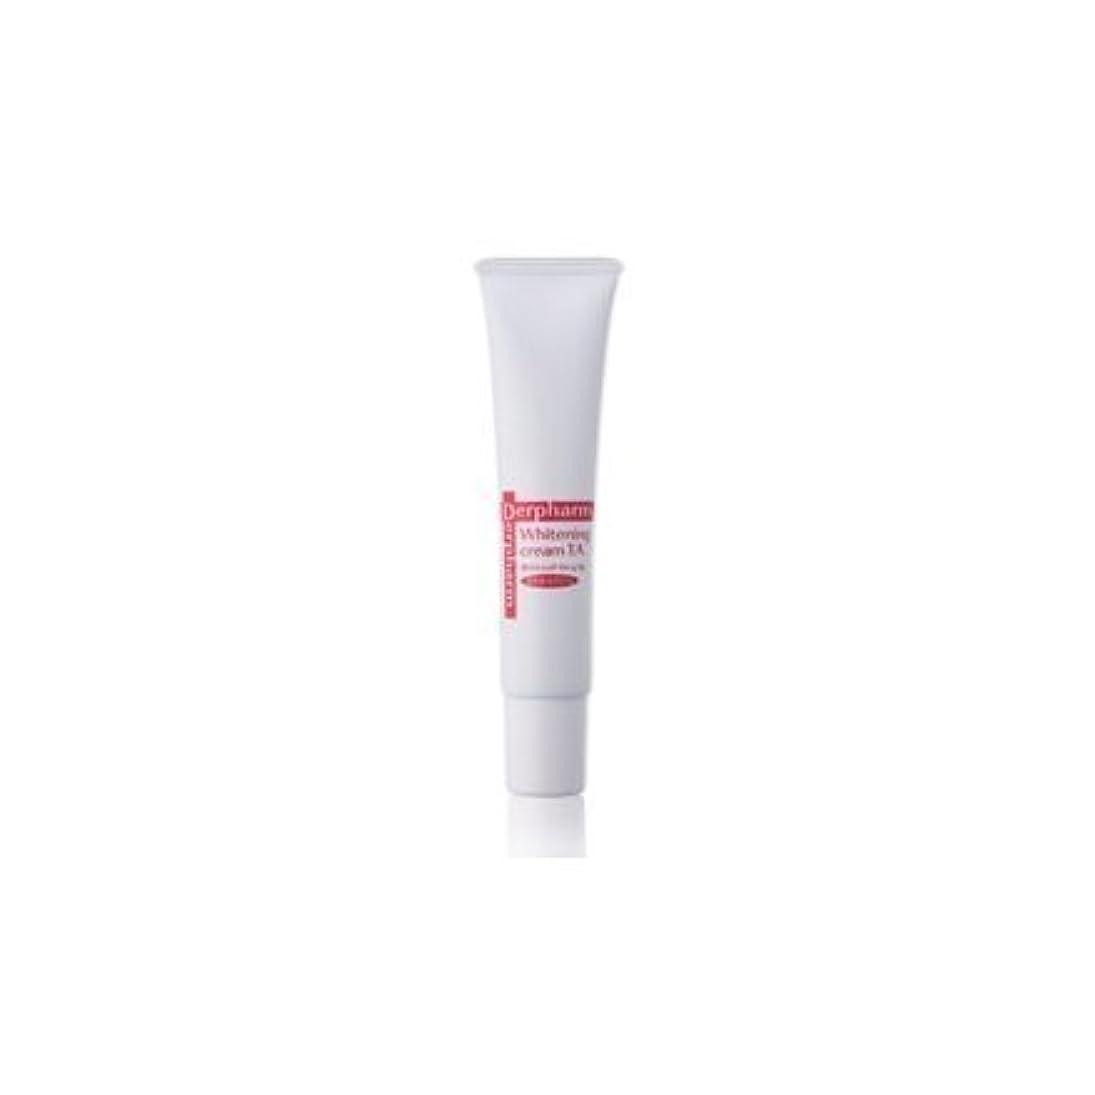 受粉するクリップ小屋デルファーマ ホワイトニング クリーム TA (医薬部外品)